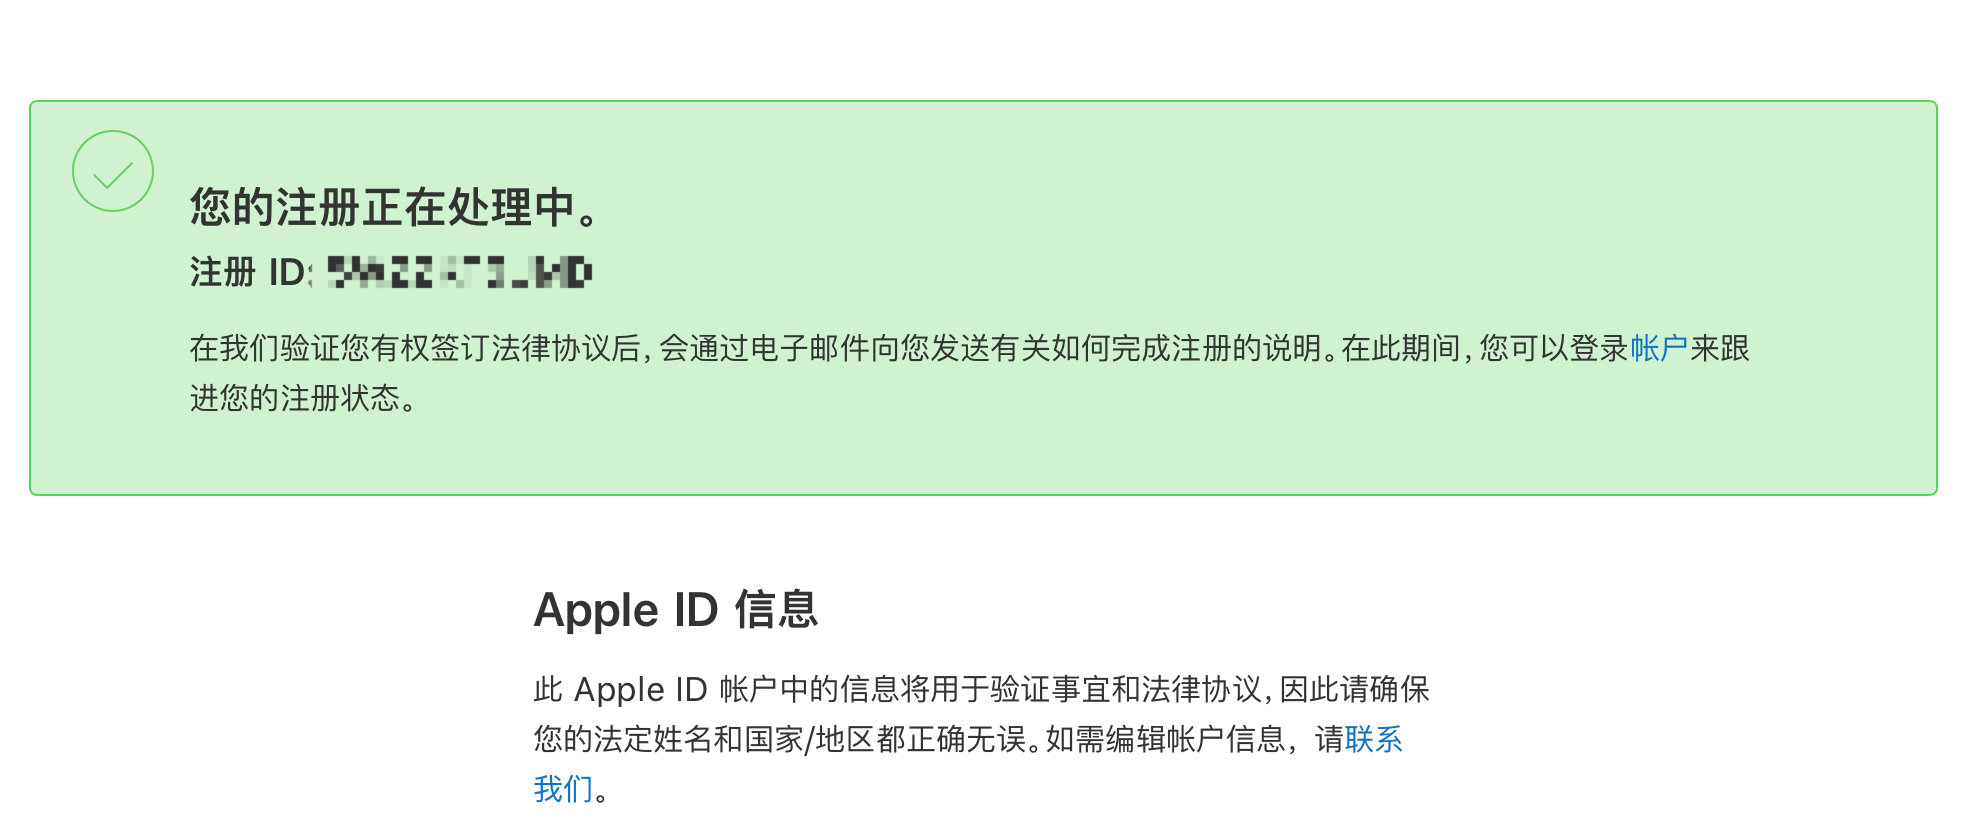 2019最新iOS企业开发者账号申请,299美元企业开发者账号申请详细过程,以及遇到的问题。